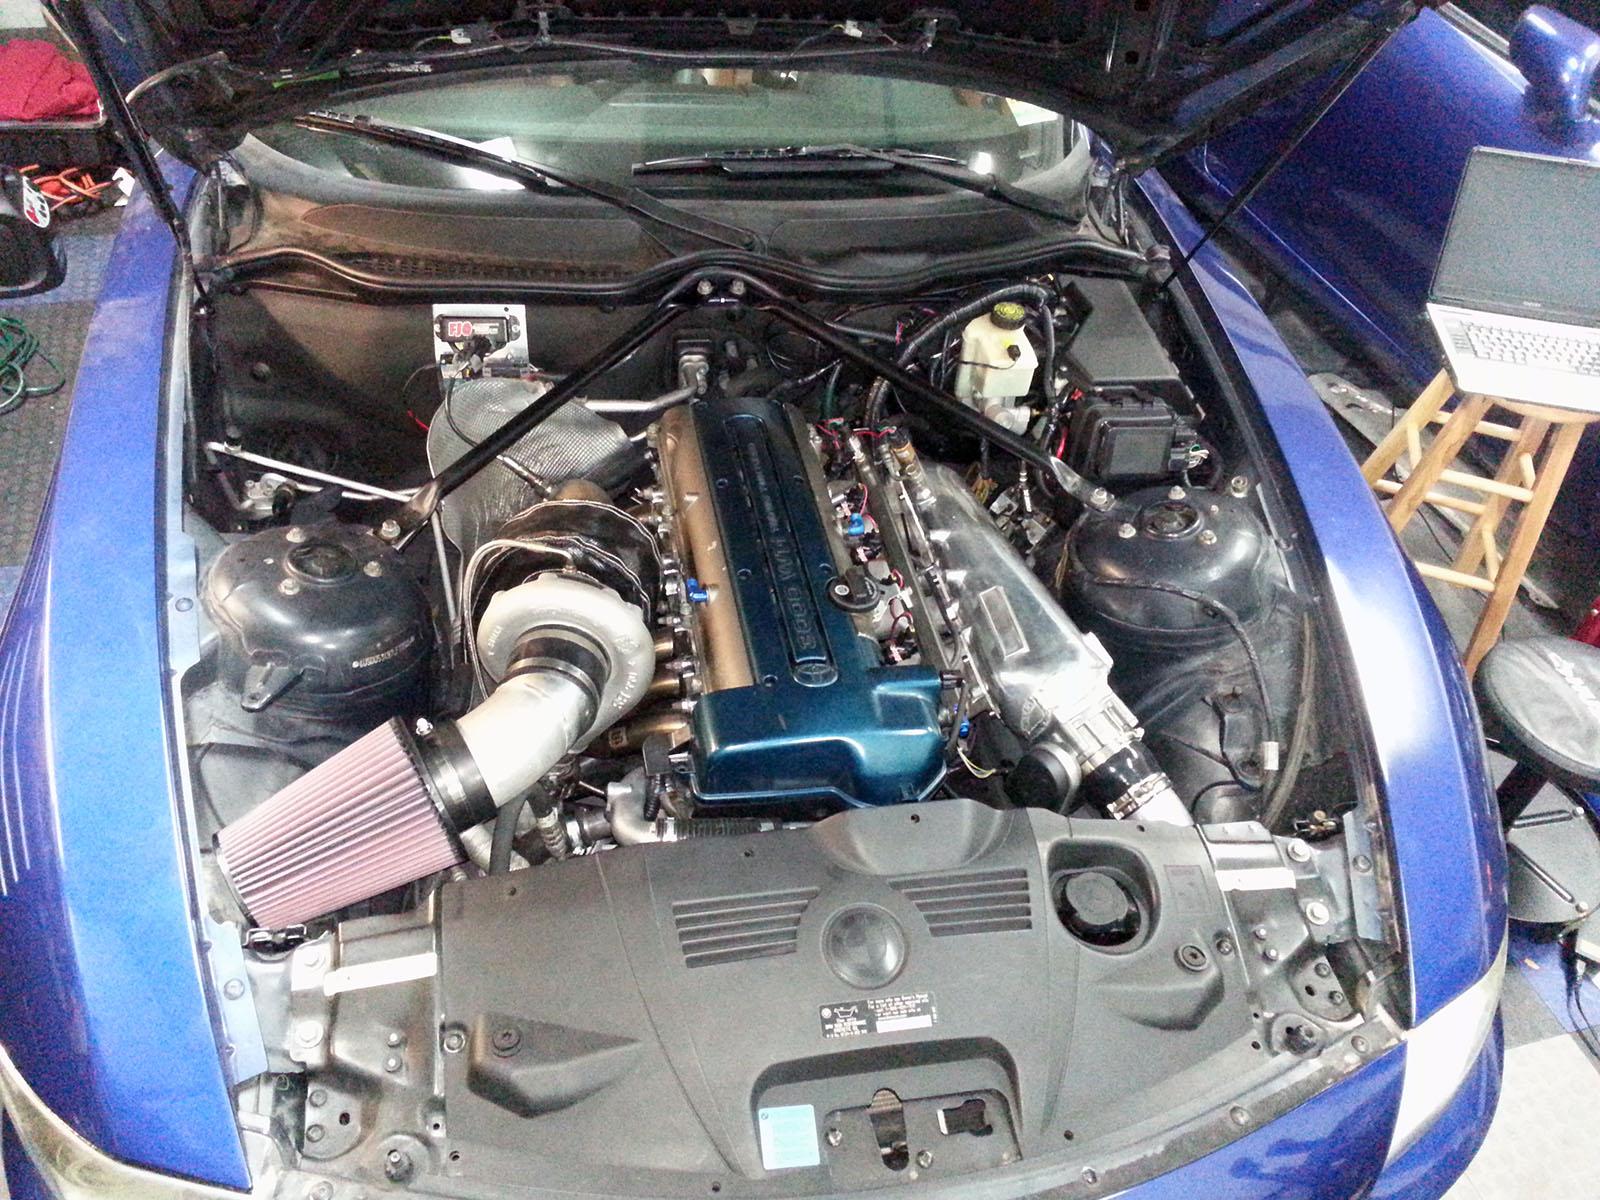 Bmw Z4 With A Turbo 2jz Inline Six Engine Swap Depot